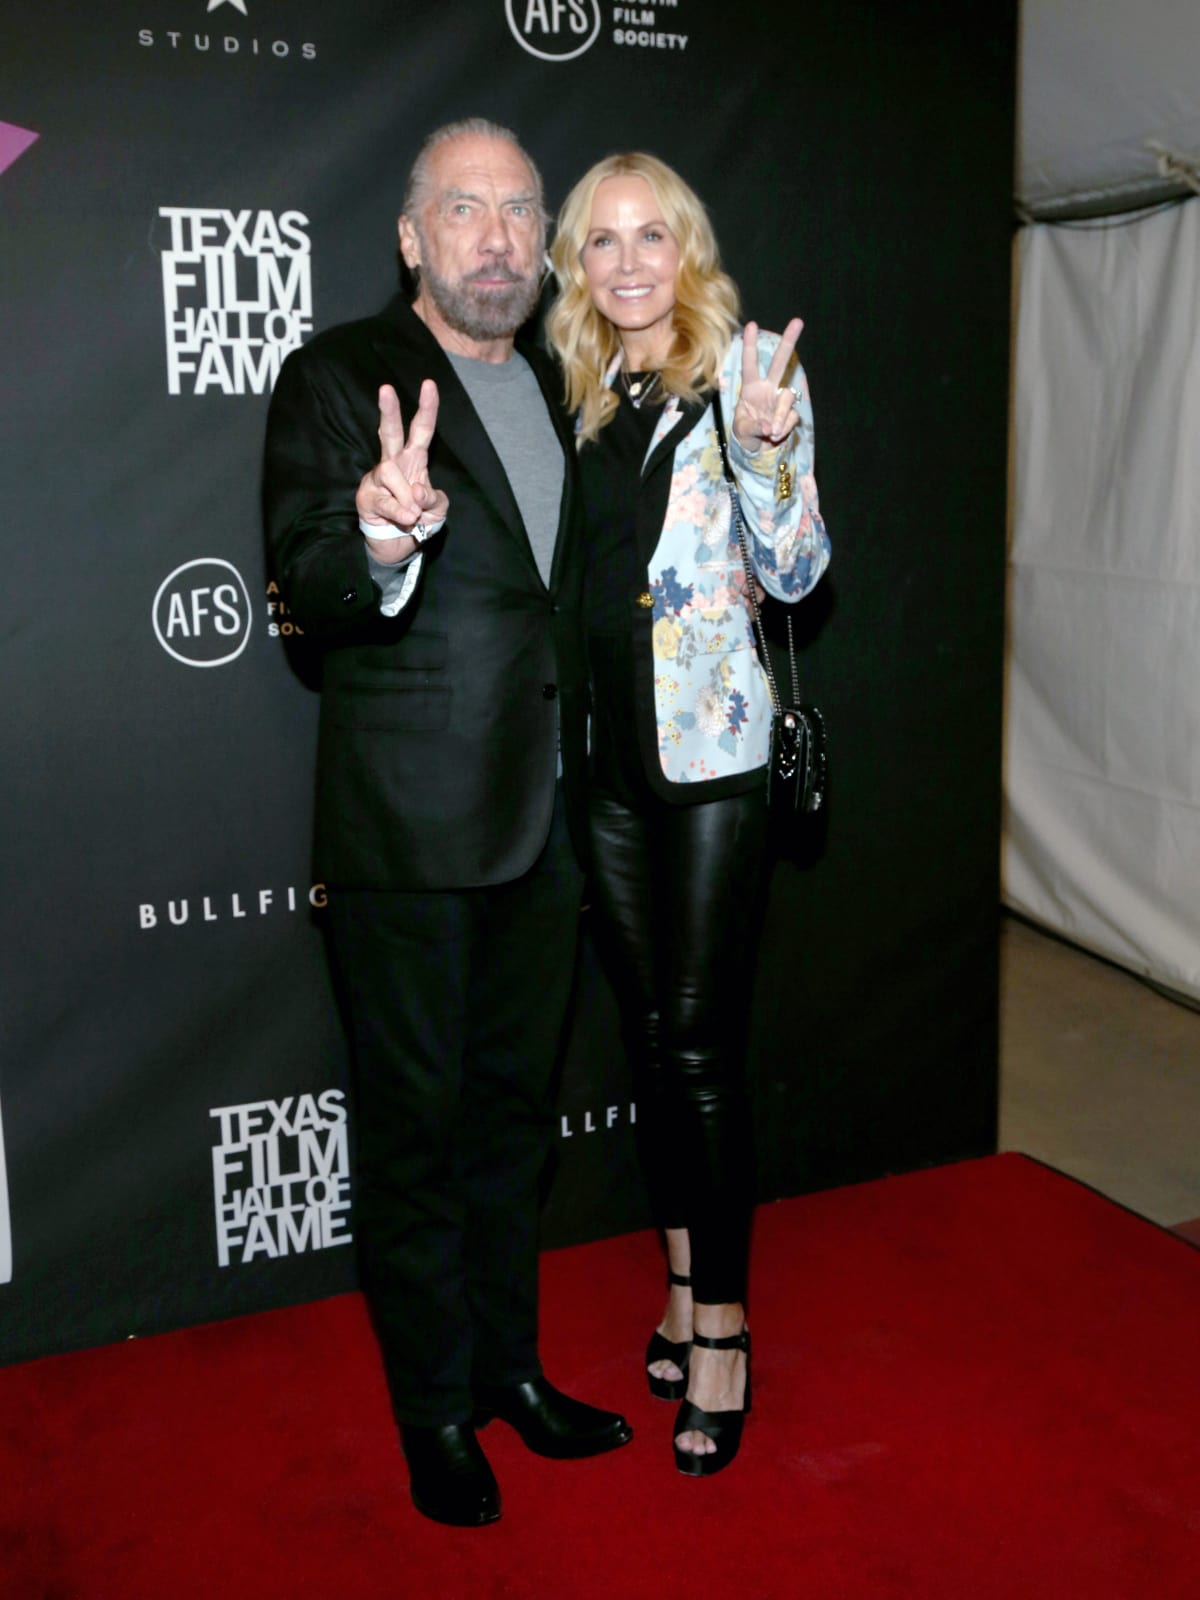 Texas Film Awards john paul dejoria eloise